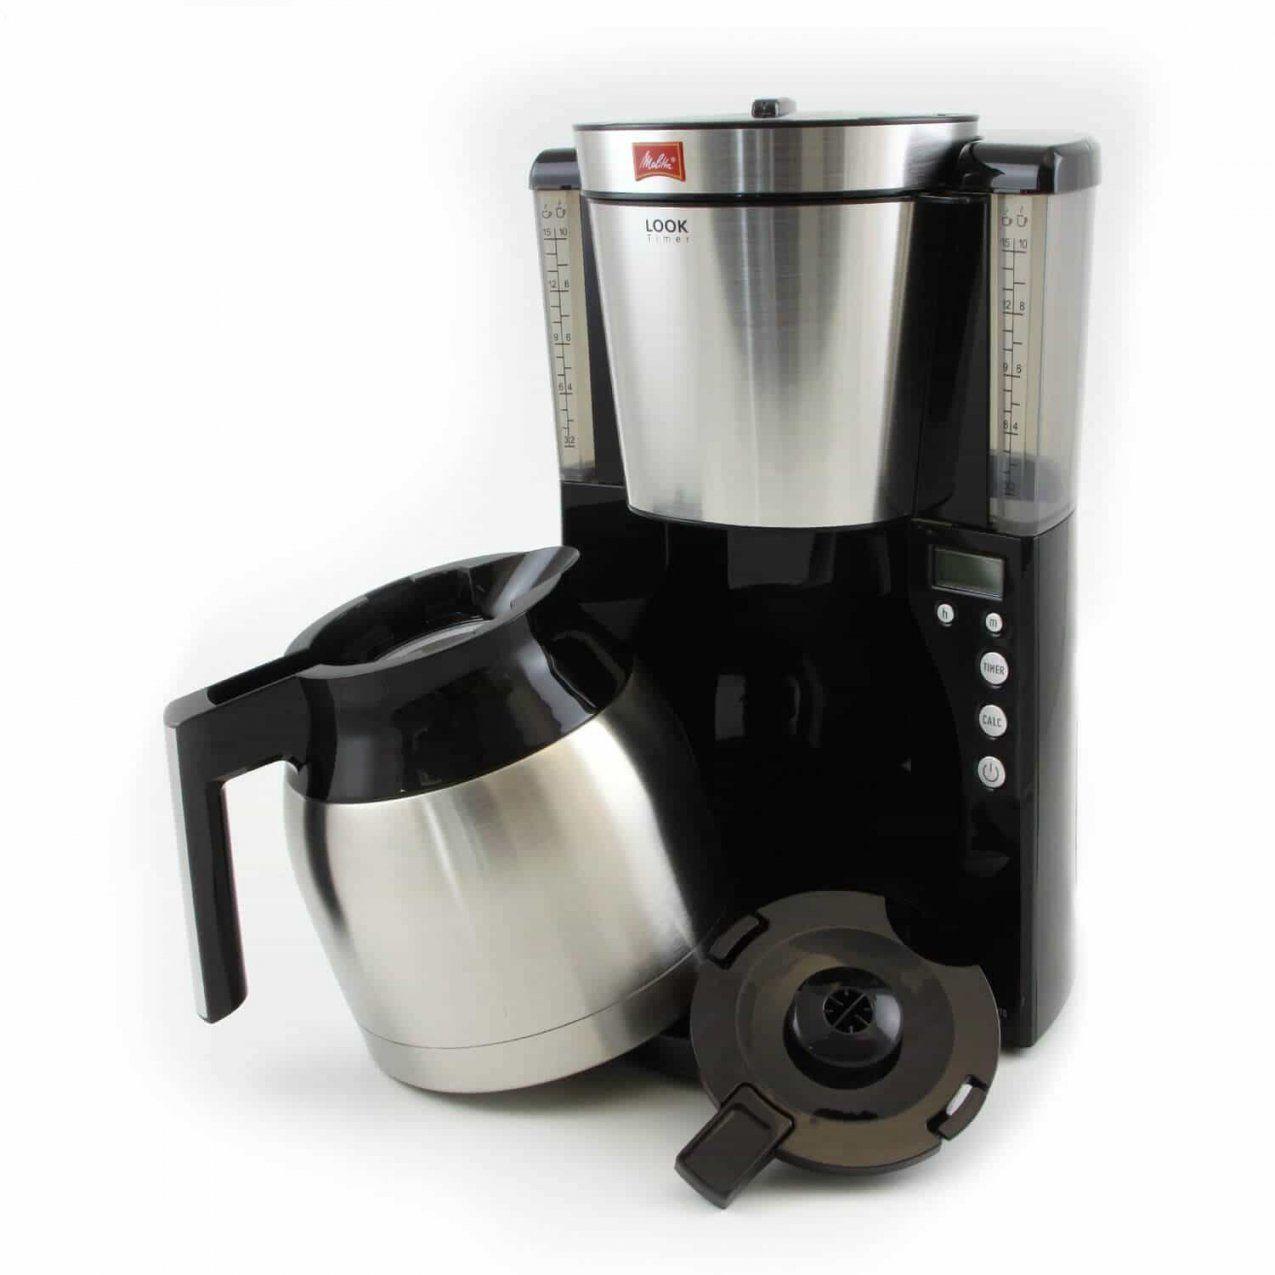 Kaffeemaschinen Test 2018 & Preisvergleich von Melitta Kaffeemaschine Mit Abnehmbaren Wassertank Und Thermoskanne Bild